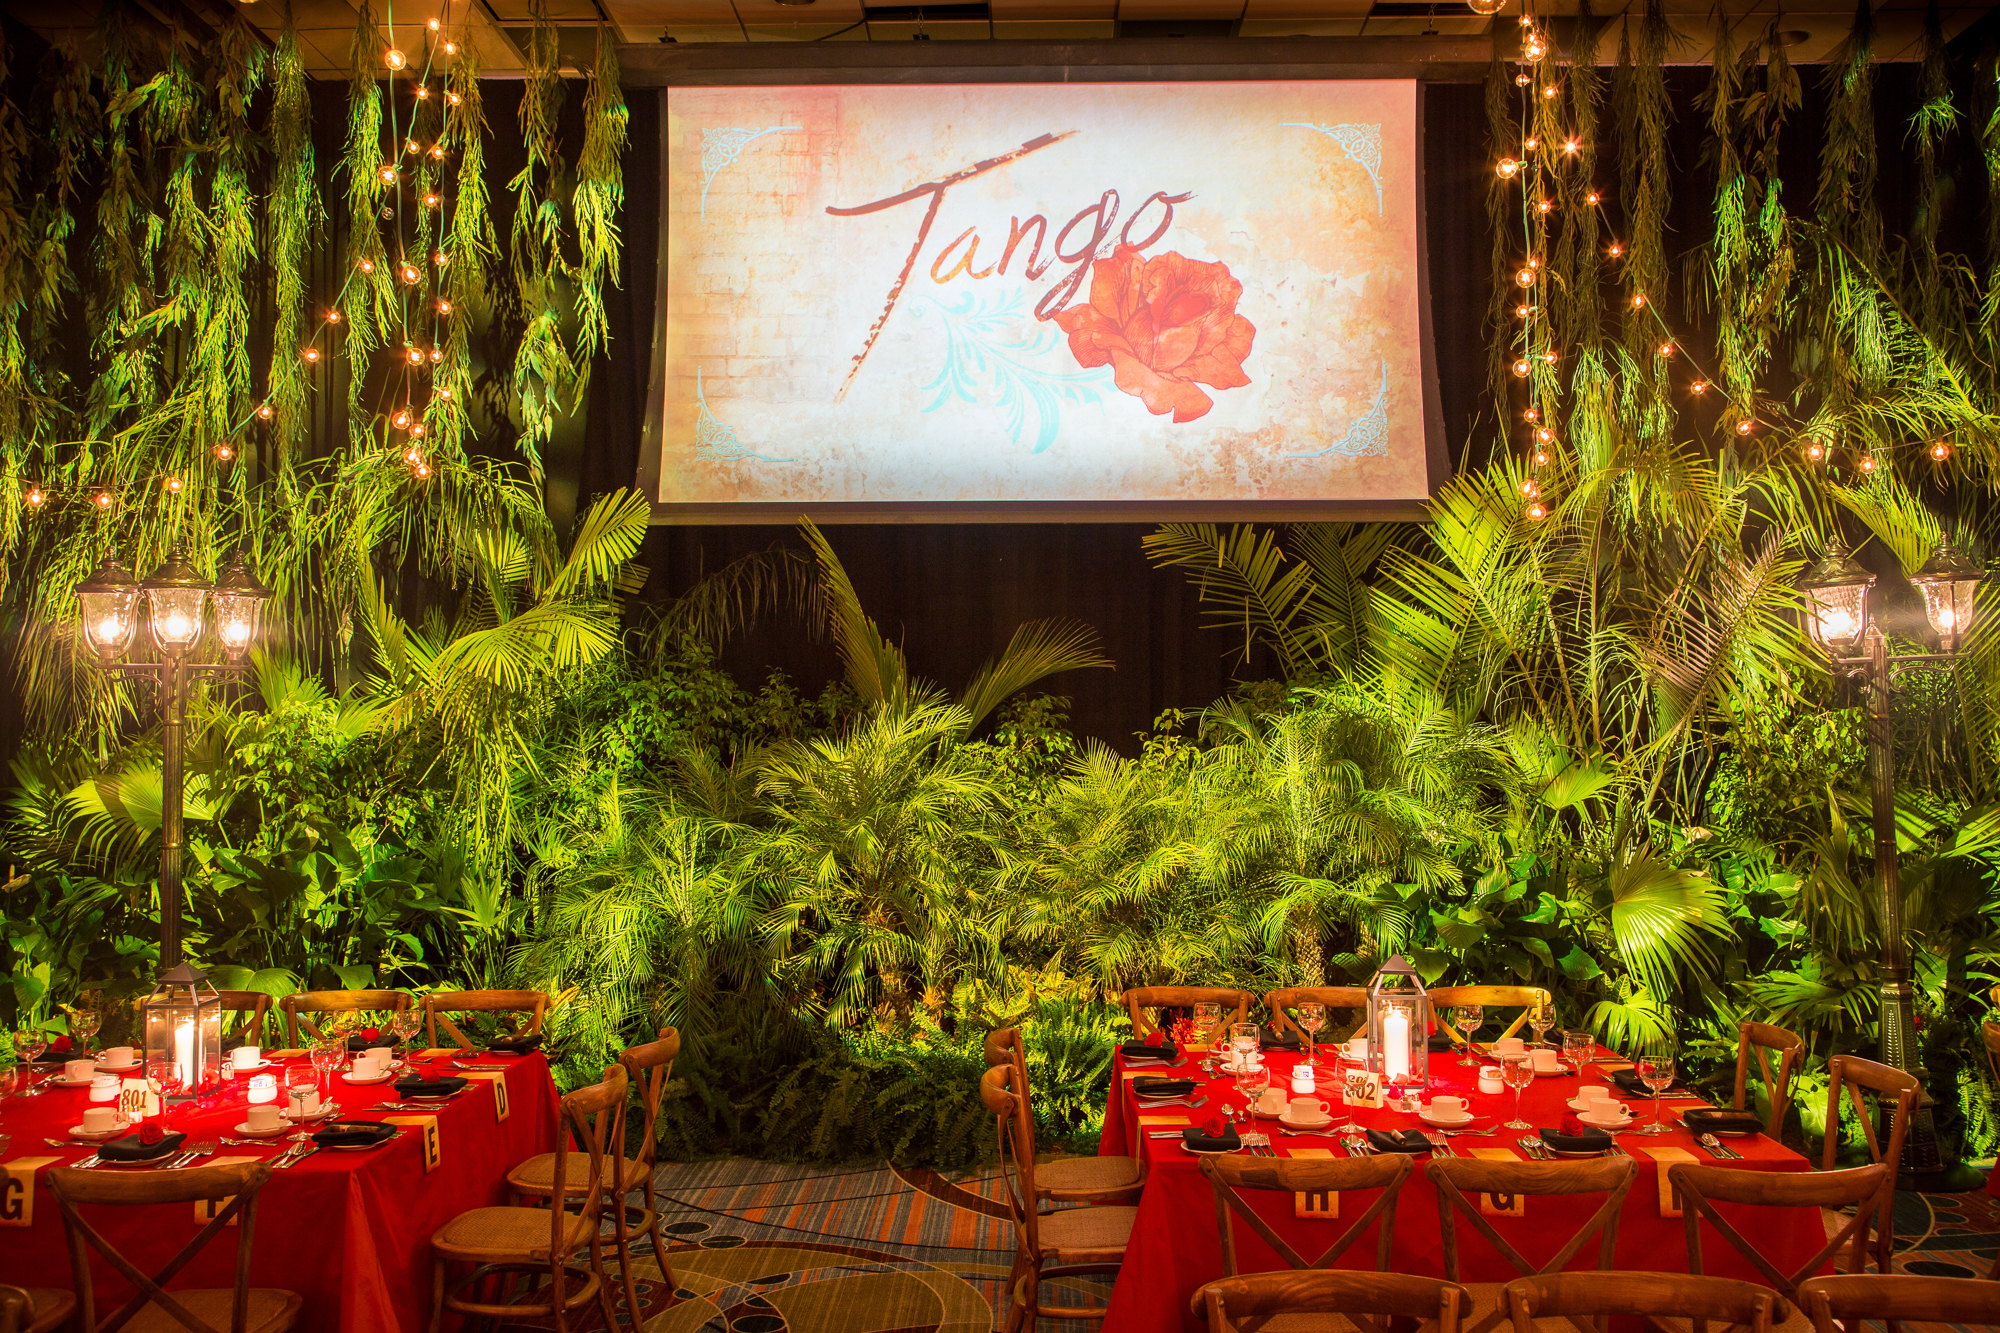 Tango-Full-6190.jpg